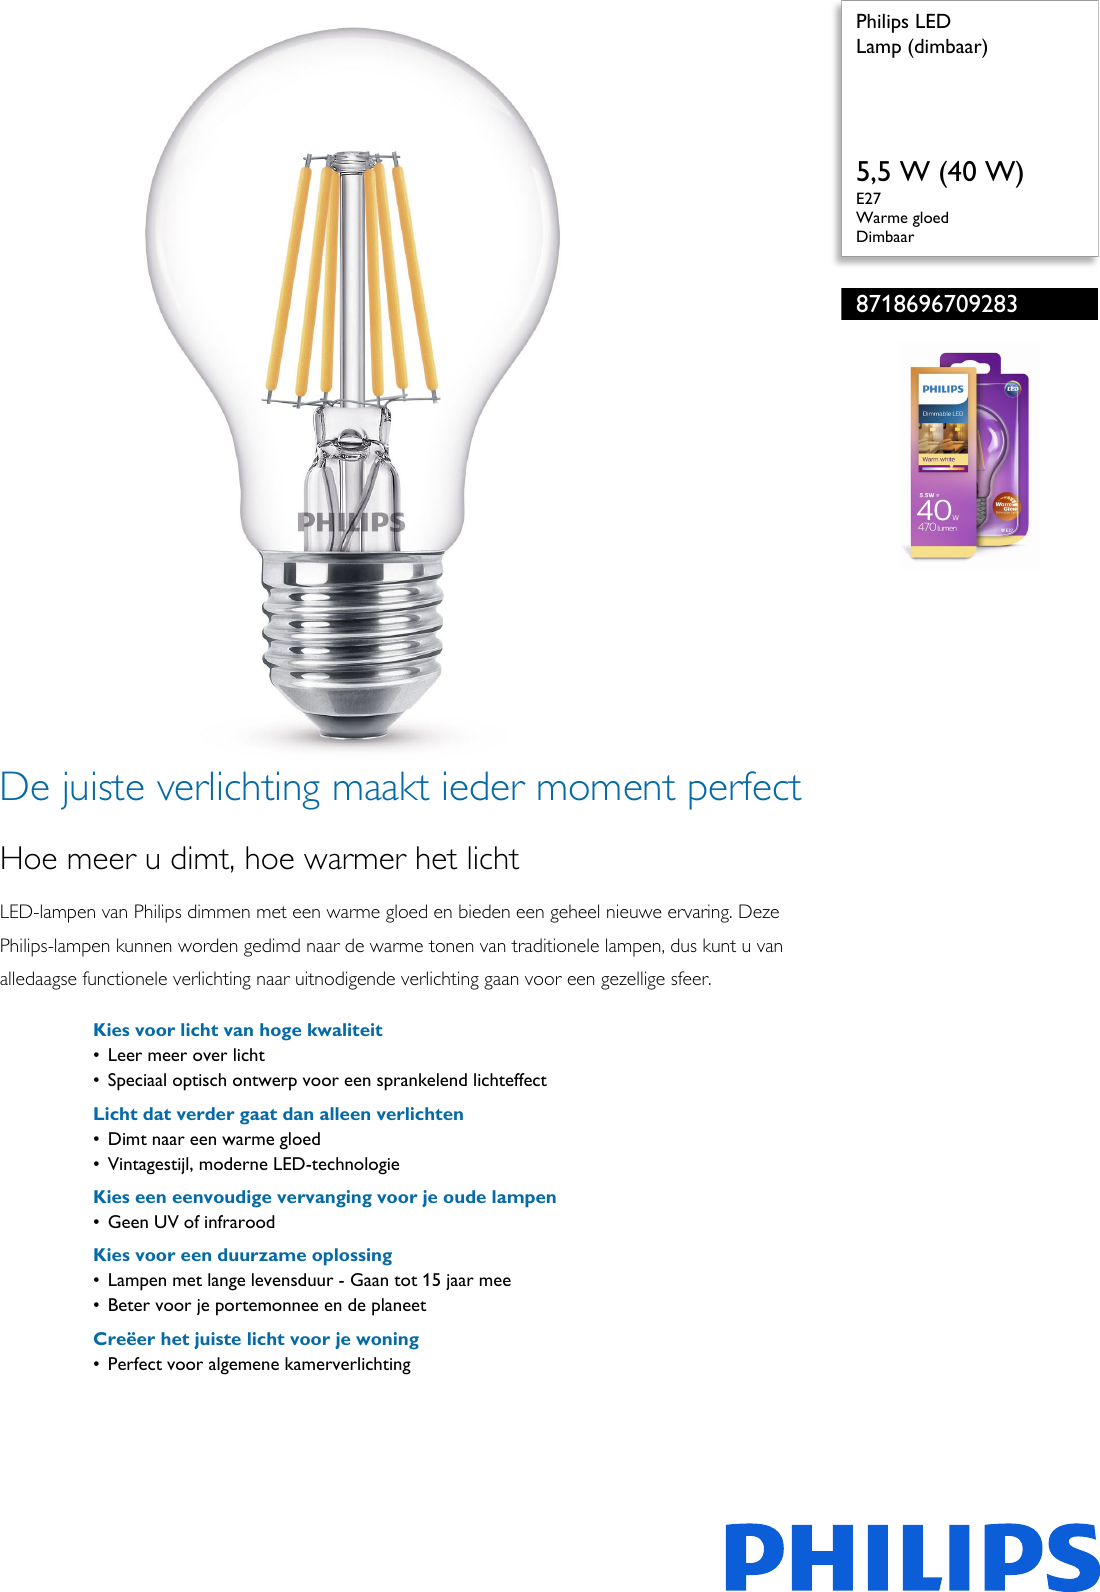 Philips 8718696709283 Lamp Dimbaar User Manual Brochure Pss Nldnl